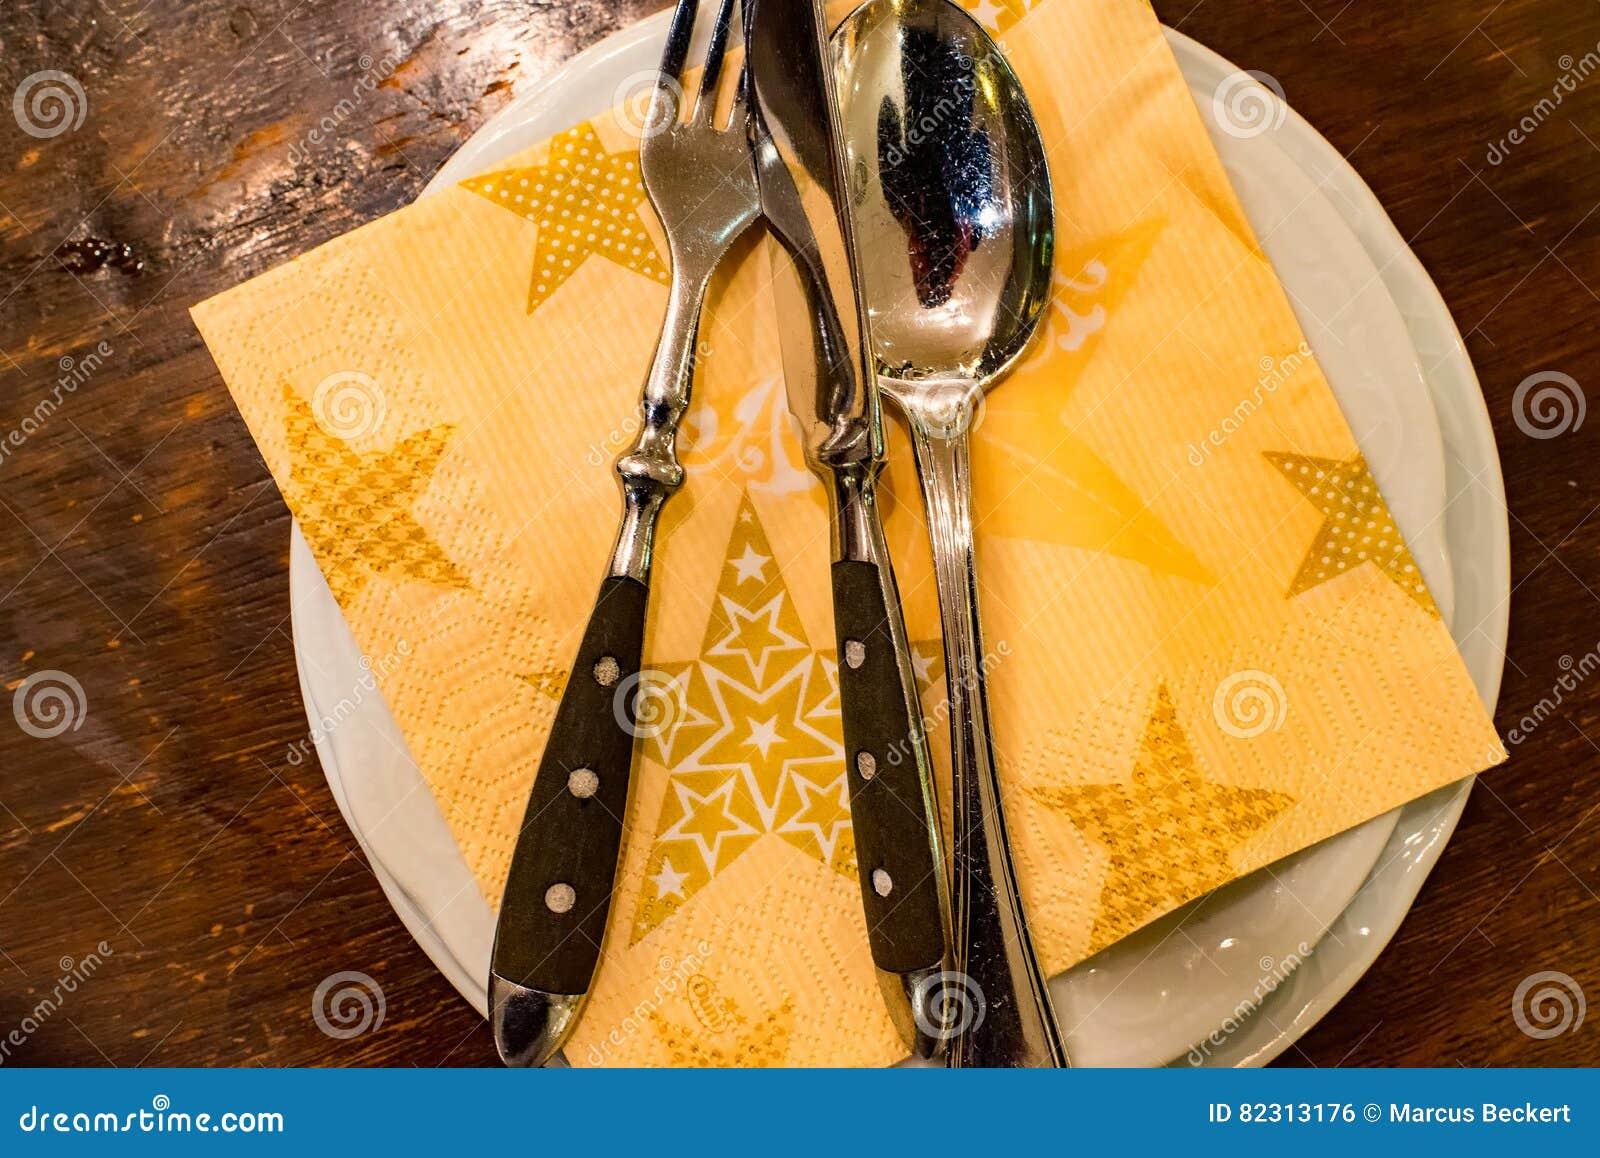 Cuchillo, cuchara y bifurcación